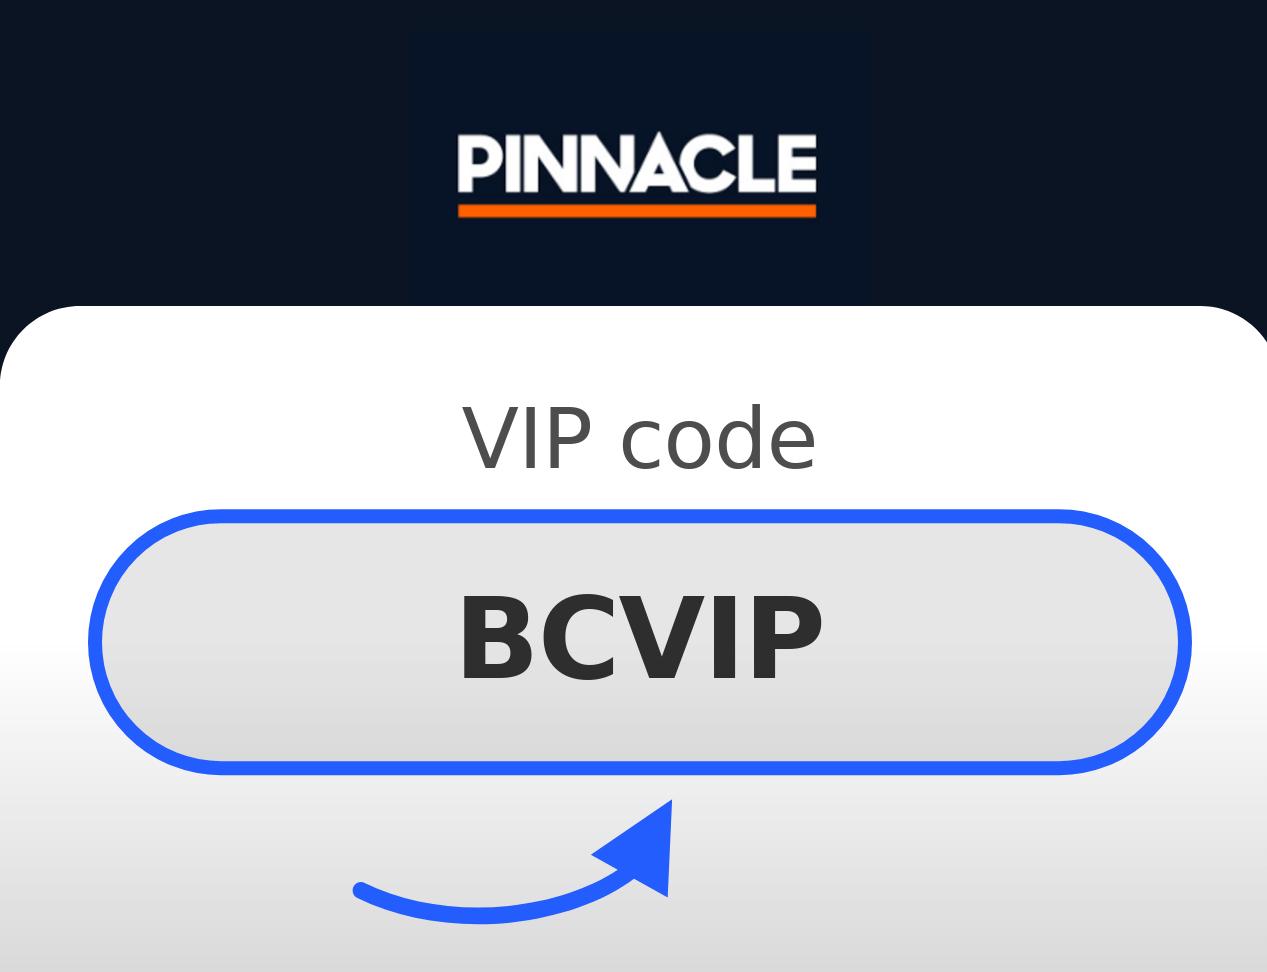 Pinnacle VIP Code